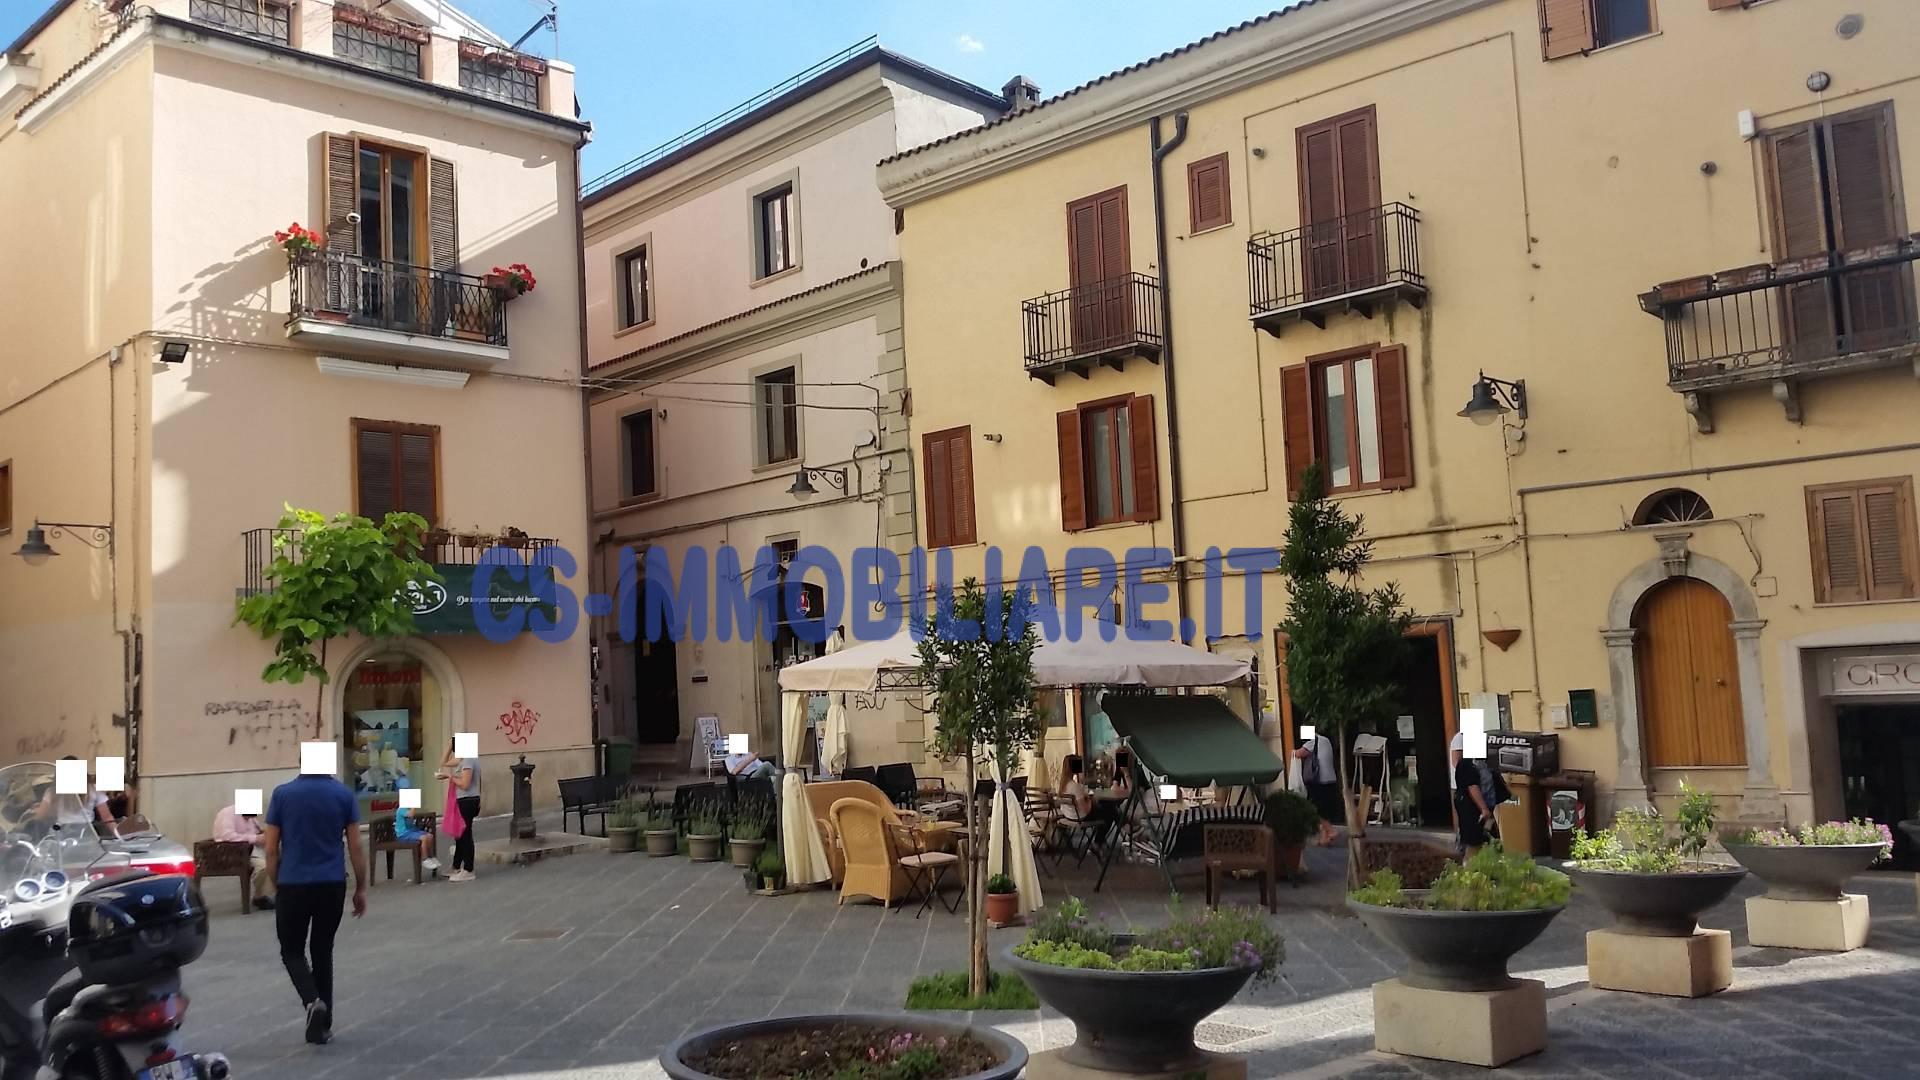 Ufficio / Studio in affitto a Potenza, 9999 locali, zona Località: Centro, prezzo € 800 | CambioCasa.it